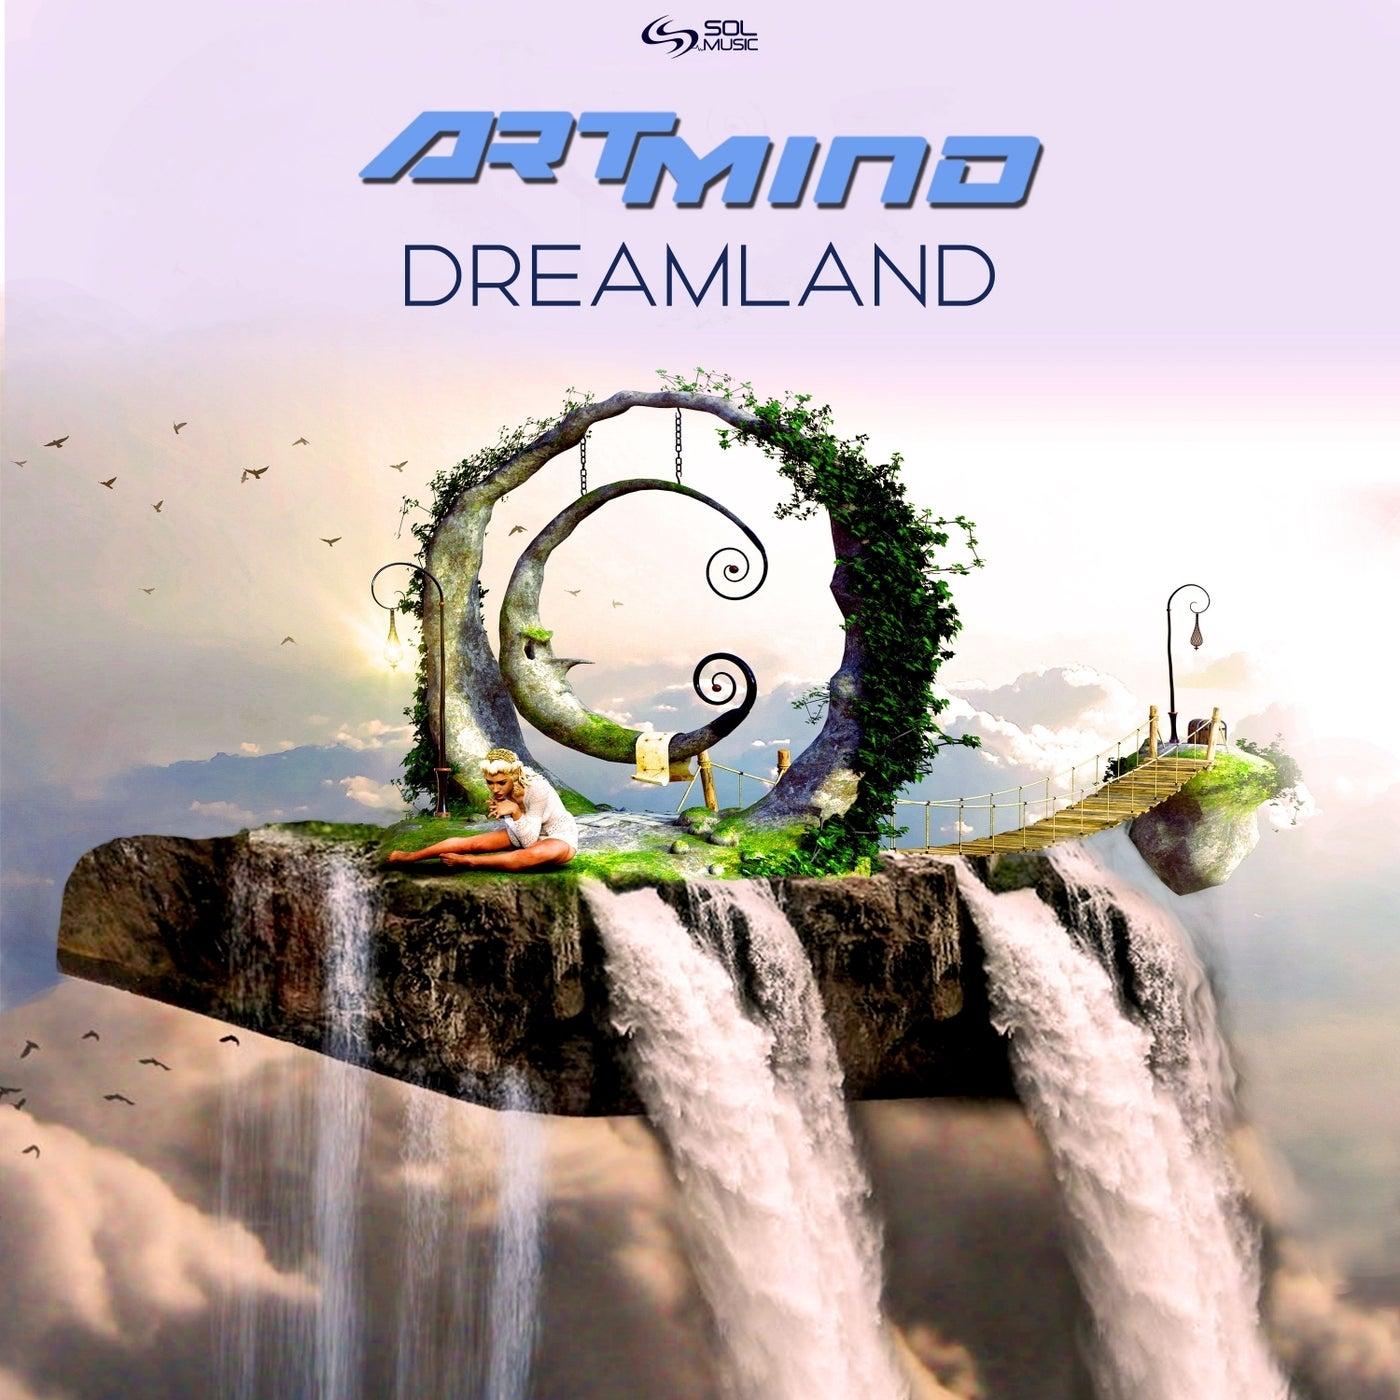 دانلود آهنگ Artmind DREAMLAND ORIGINAL MIX